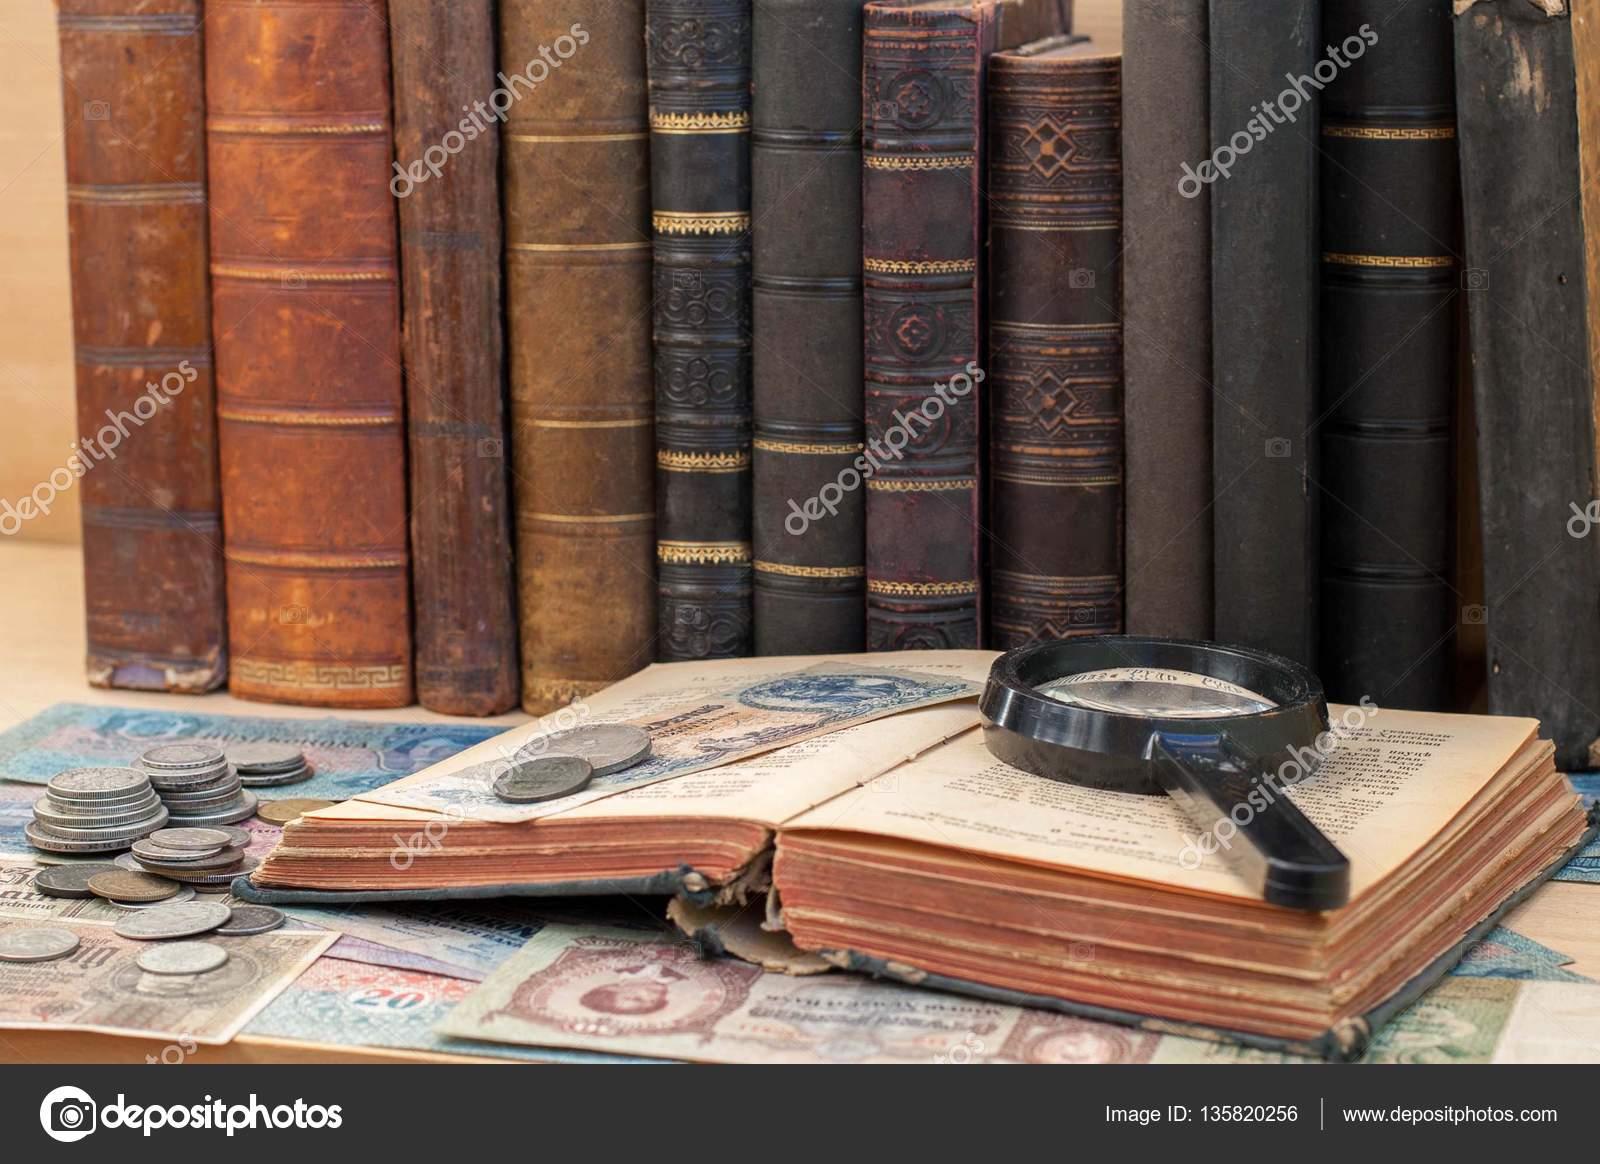 Monedas antiguas lupa y libro anticuario abierto yacen en billetes con libros antiguos en el fondo foto de siaivo